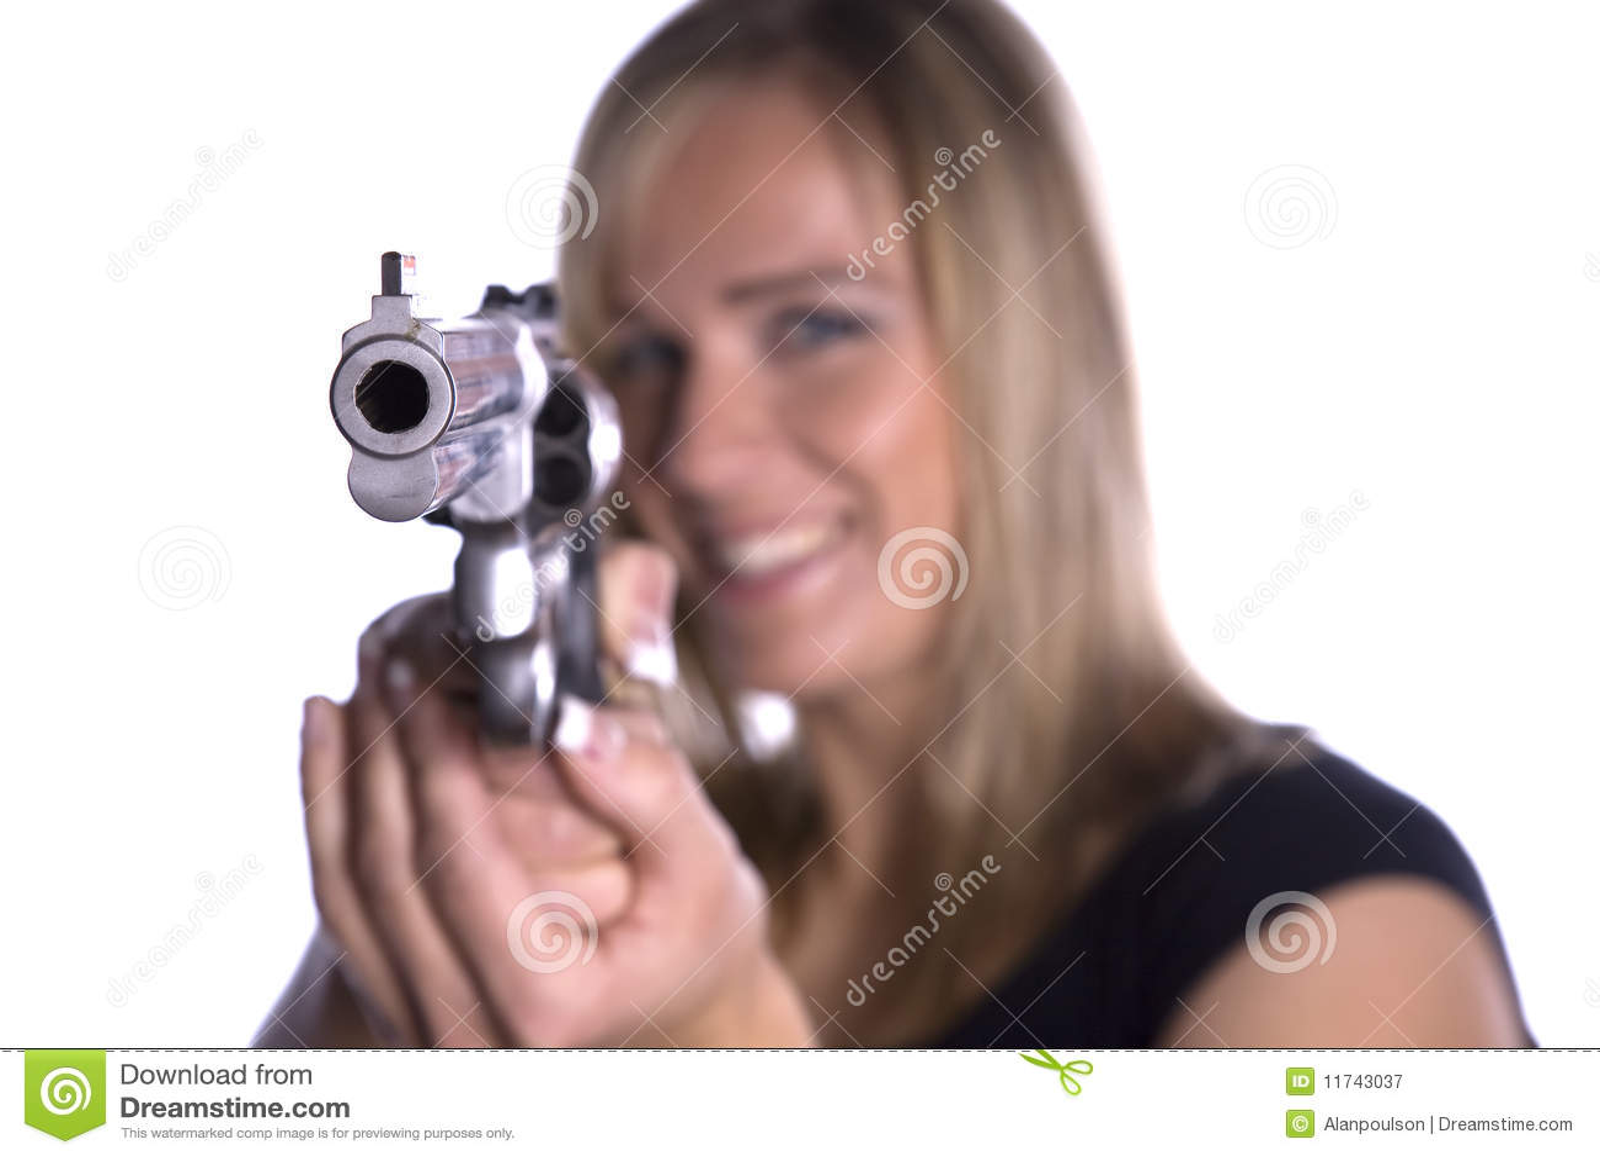 Revolver gun pointing at camera